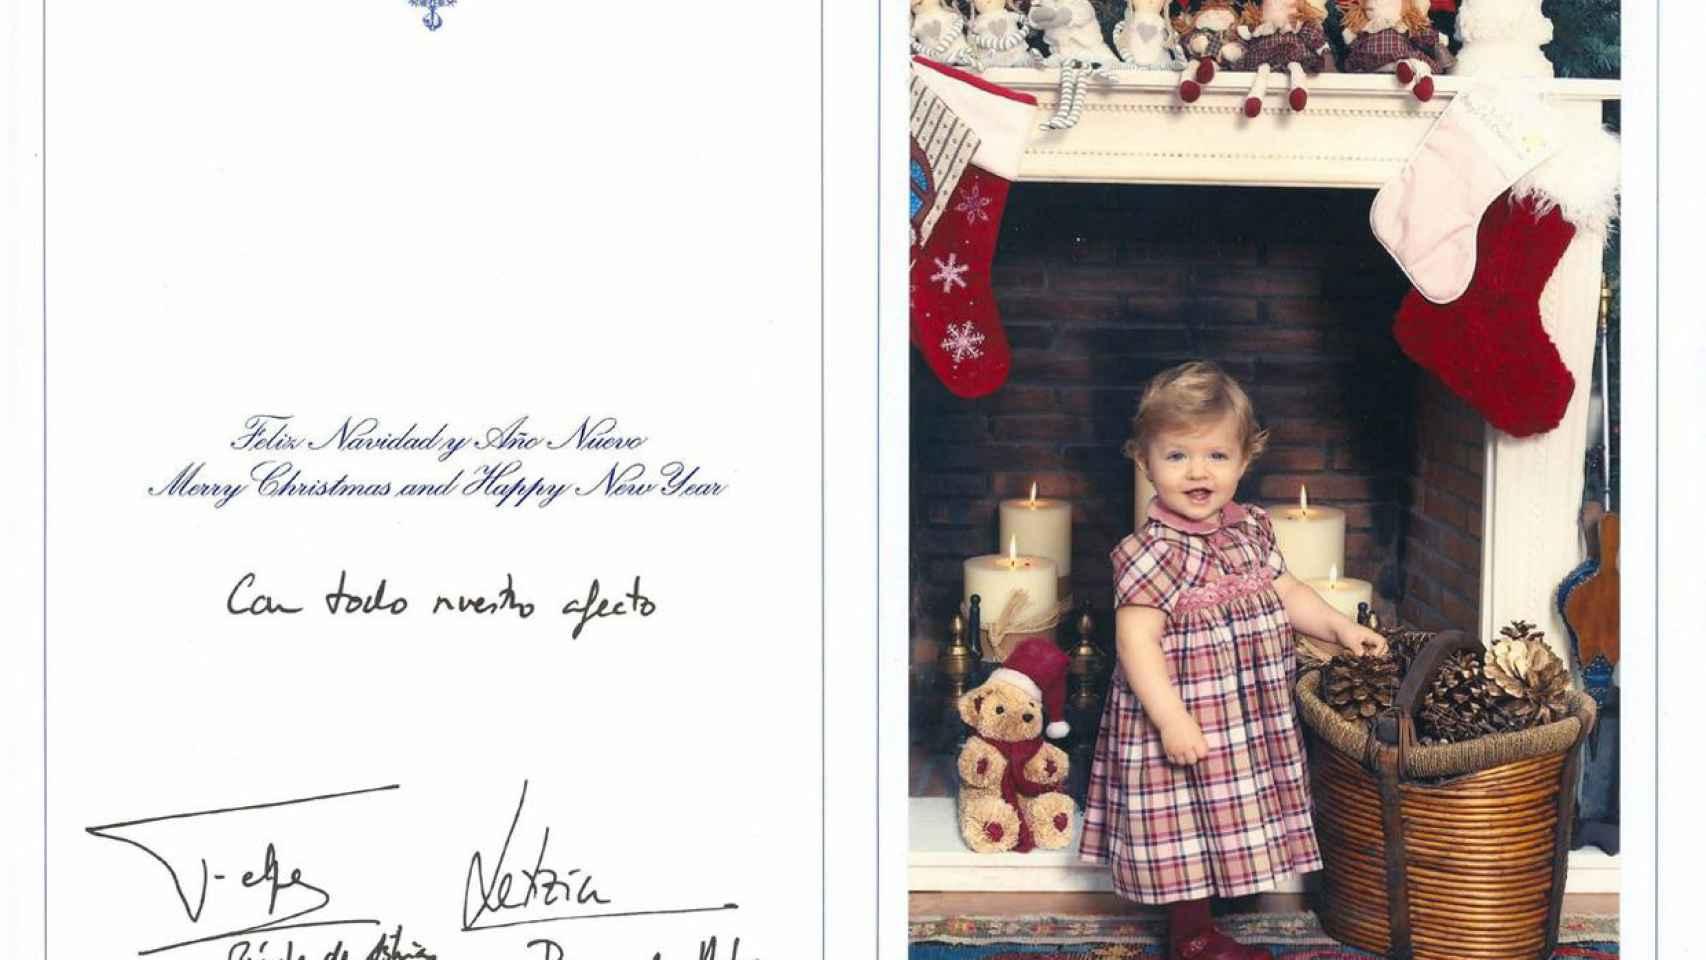 2006. Leonor acaparó el protagonismo de la felicitación navideña real